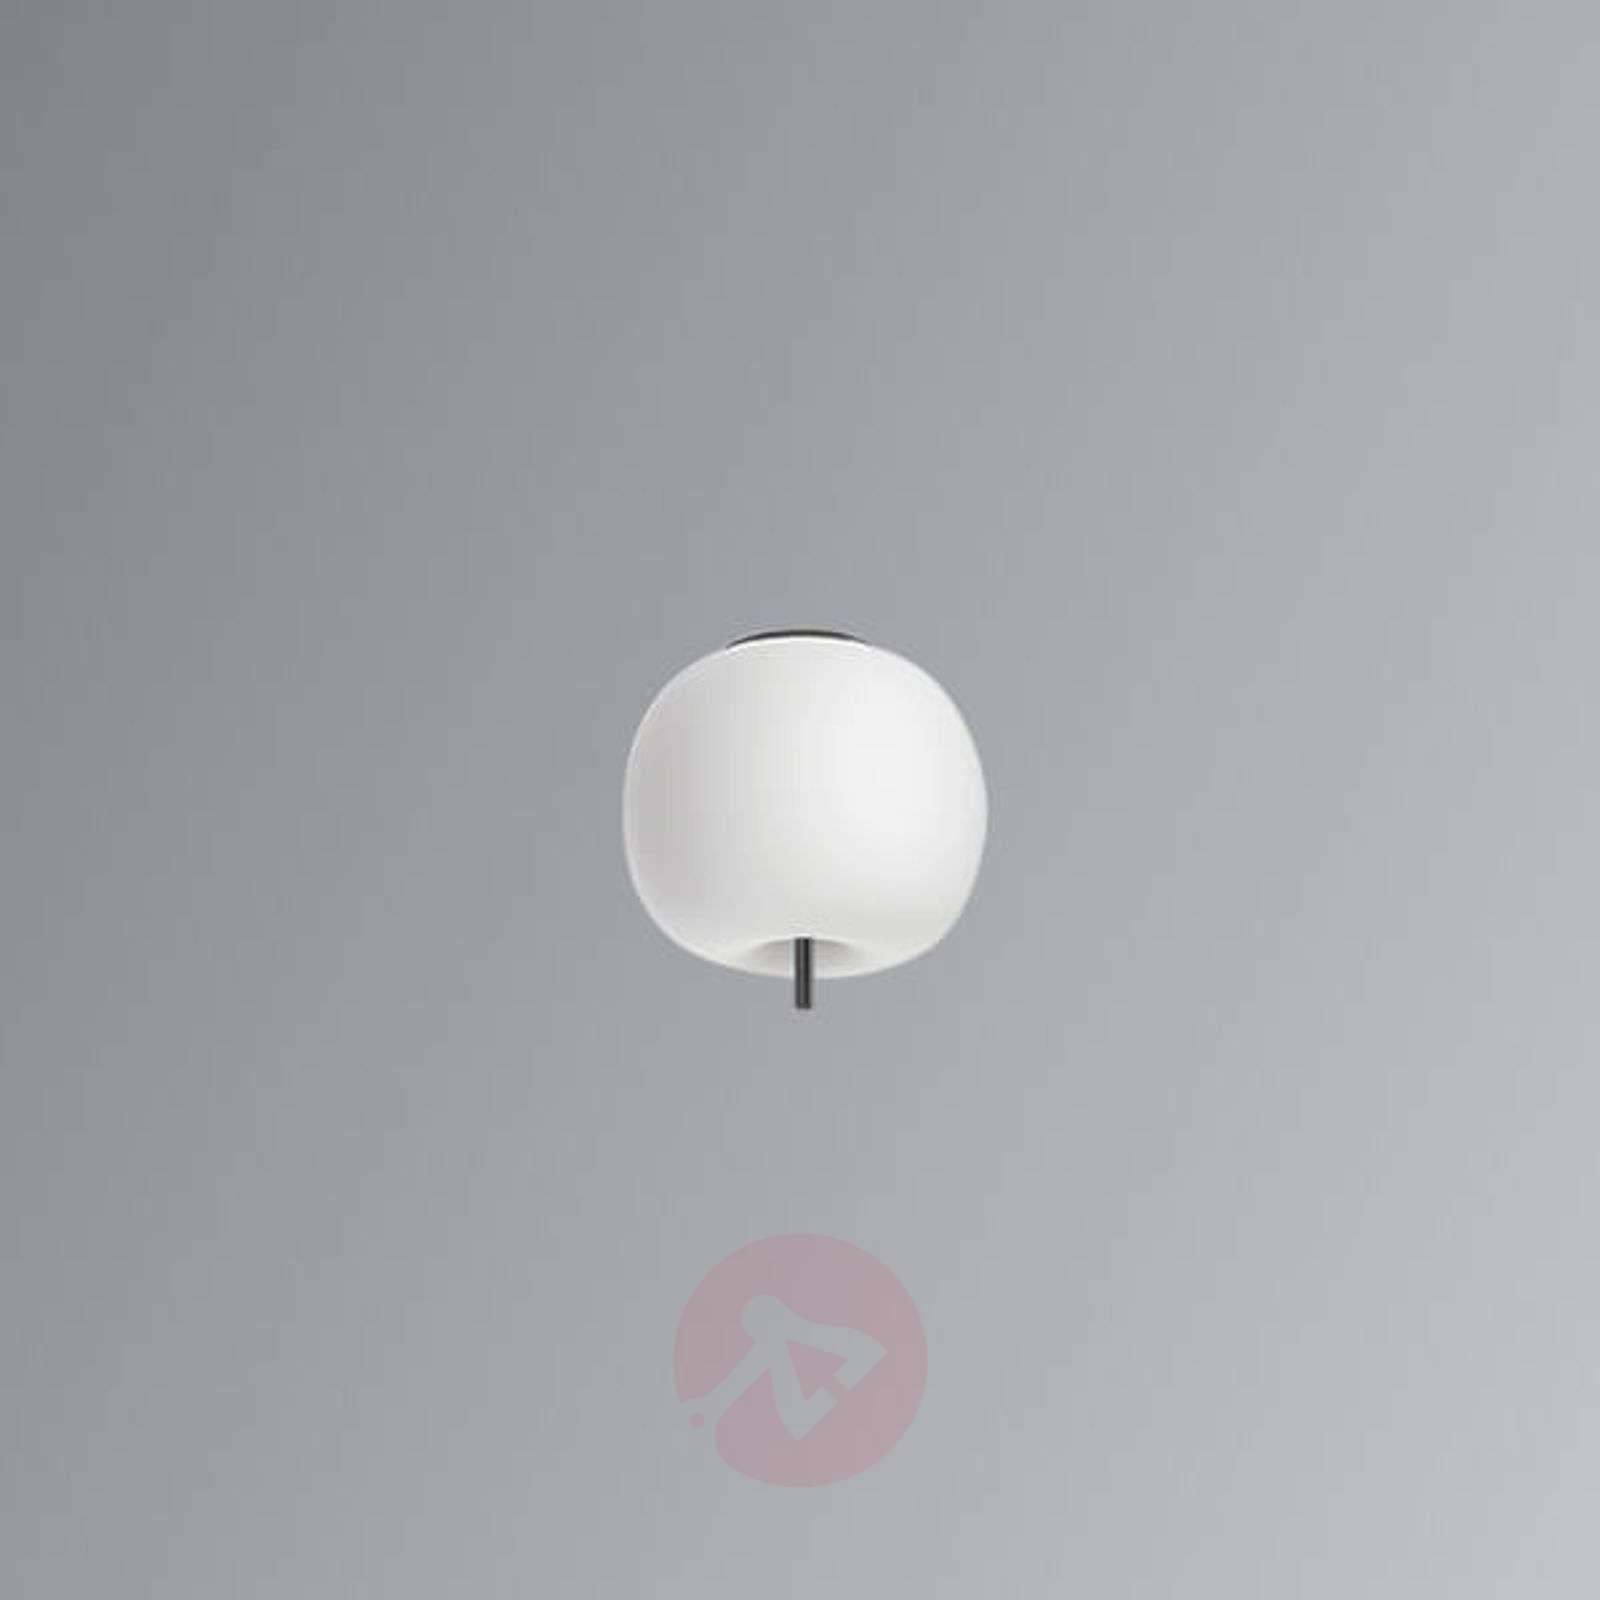 Kundalini Kushi LED-kattovalo musta 16cm-5520188-06